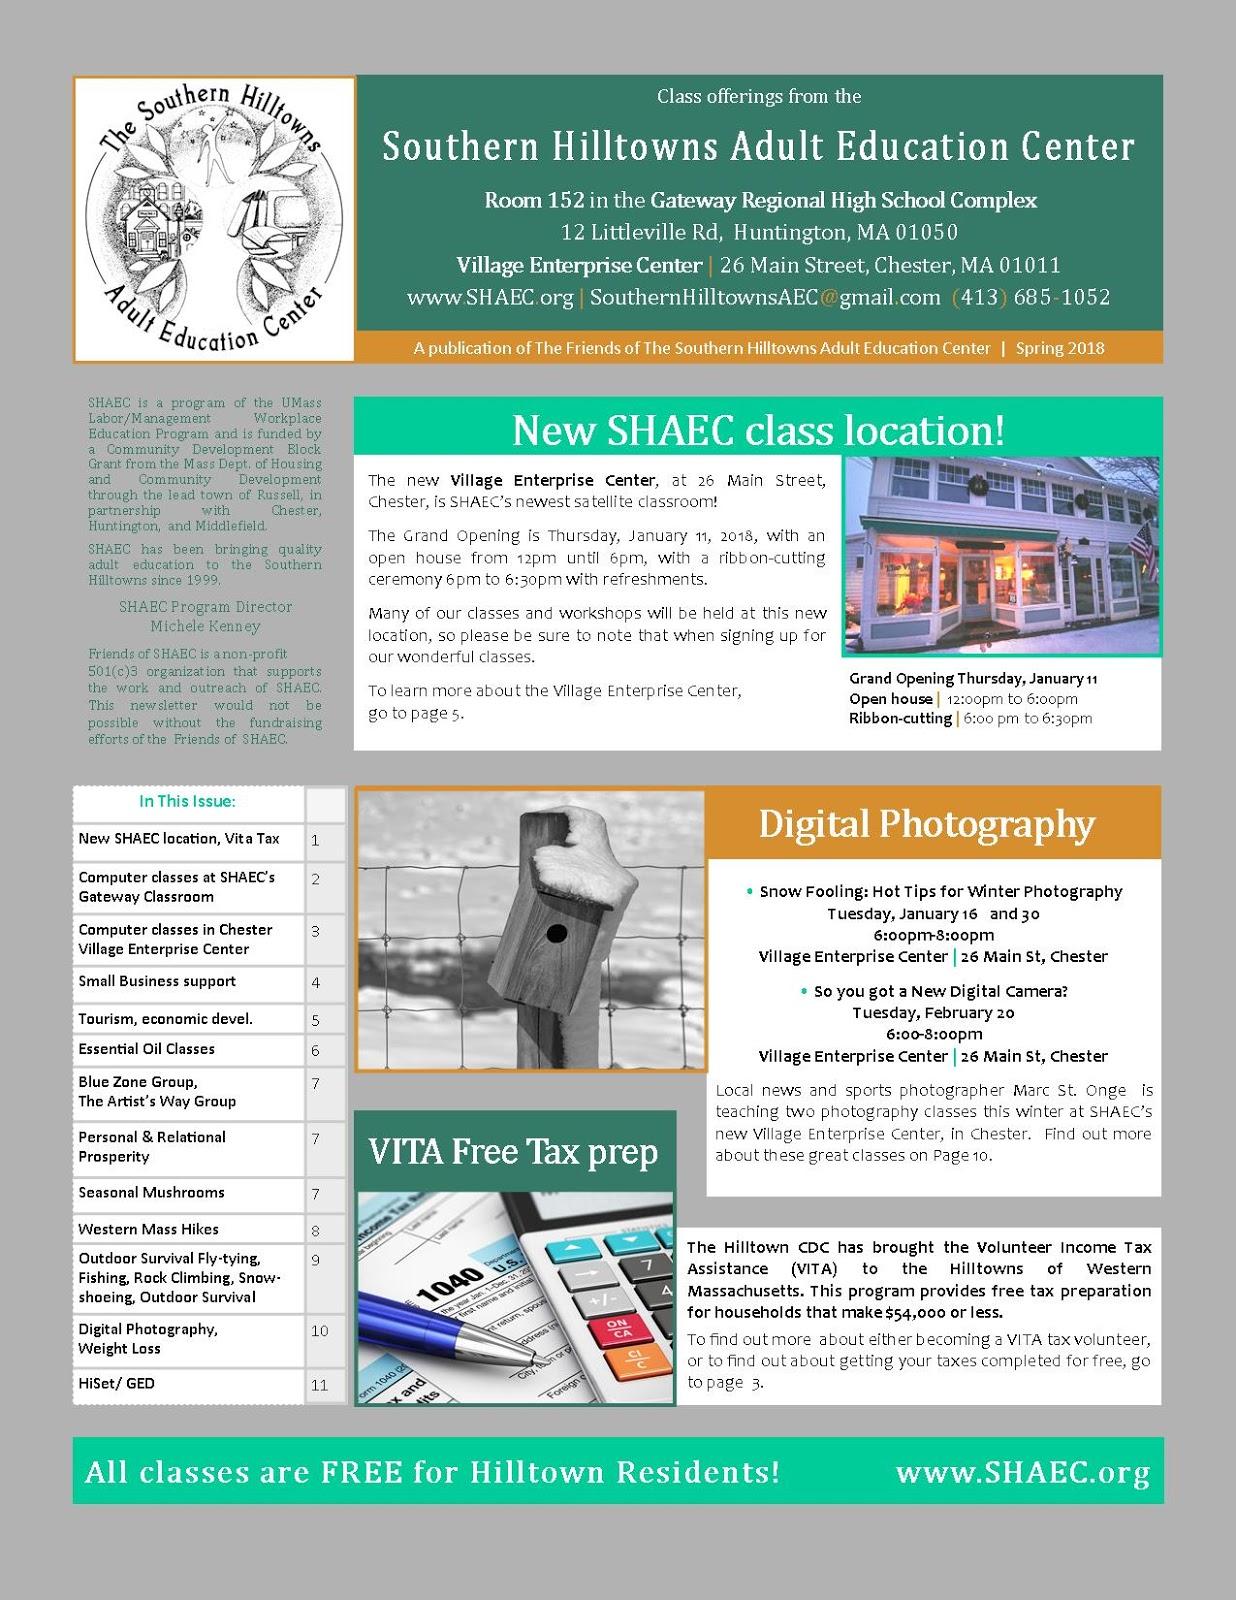 shaec-spring2018-newsletter